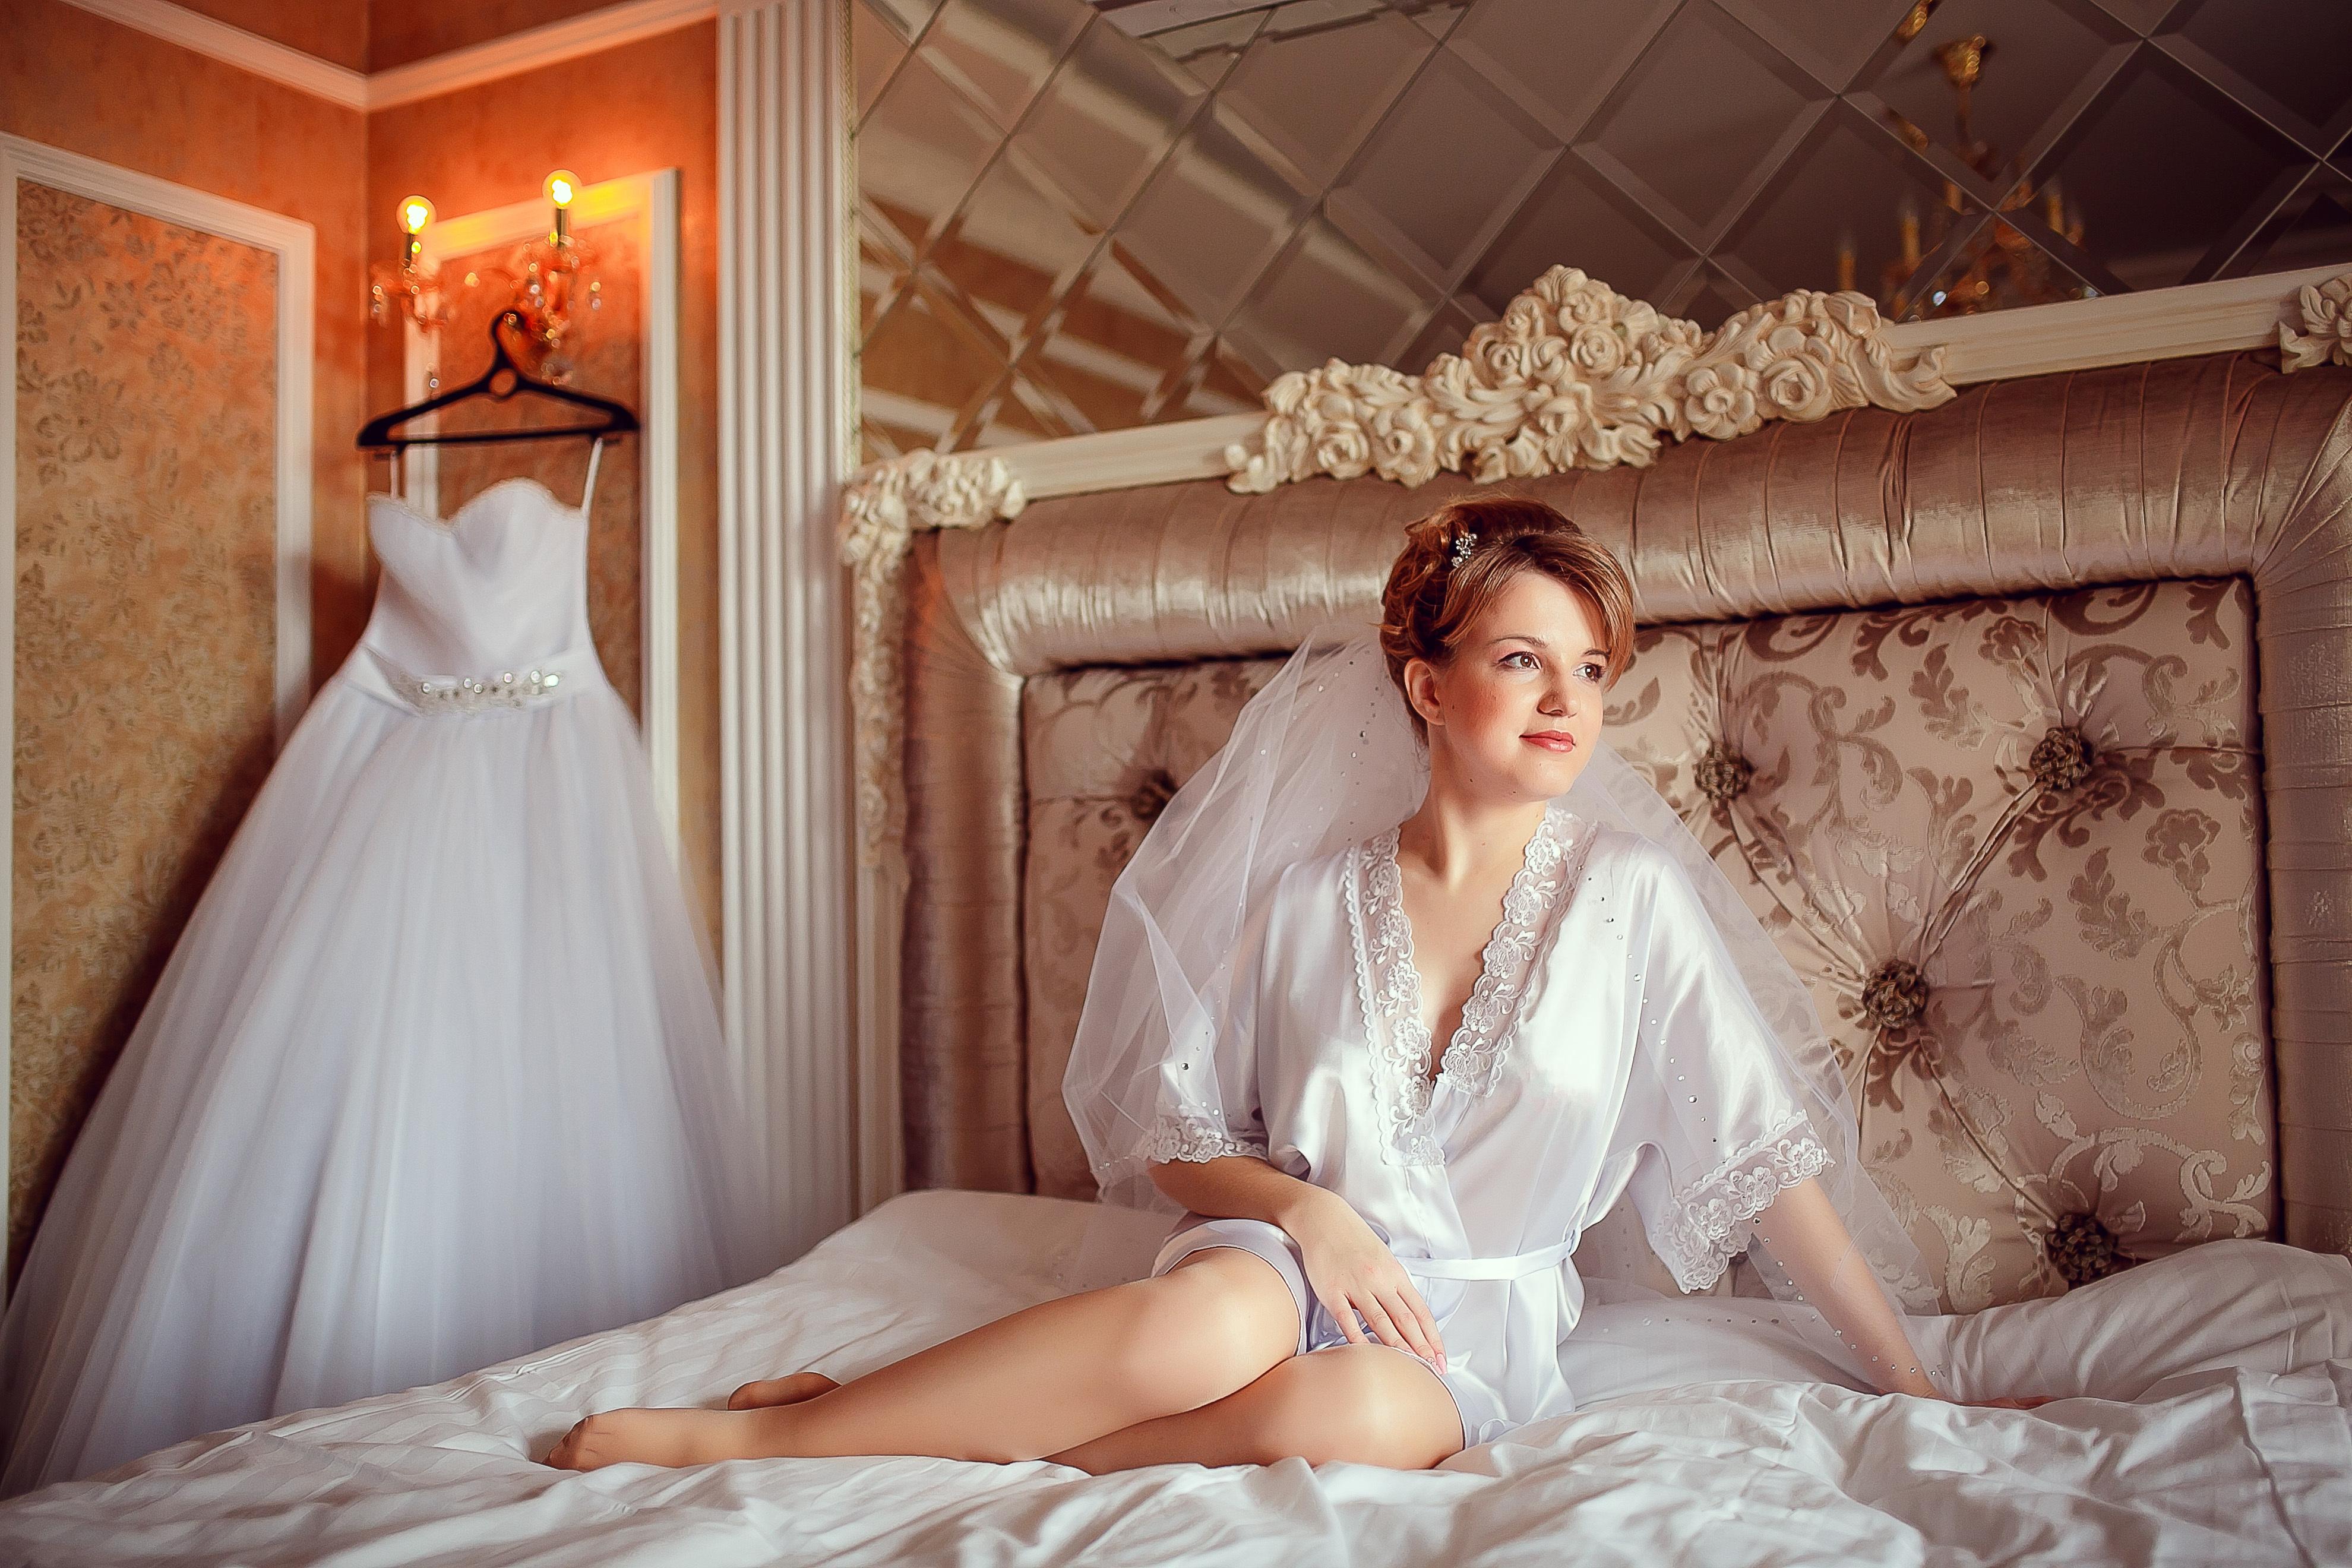 Смотреть онлайн брачный ночь, Отличный фильм! Первая брачная ночь 21 фотография